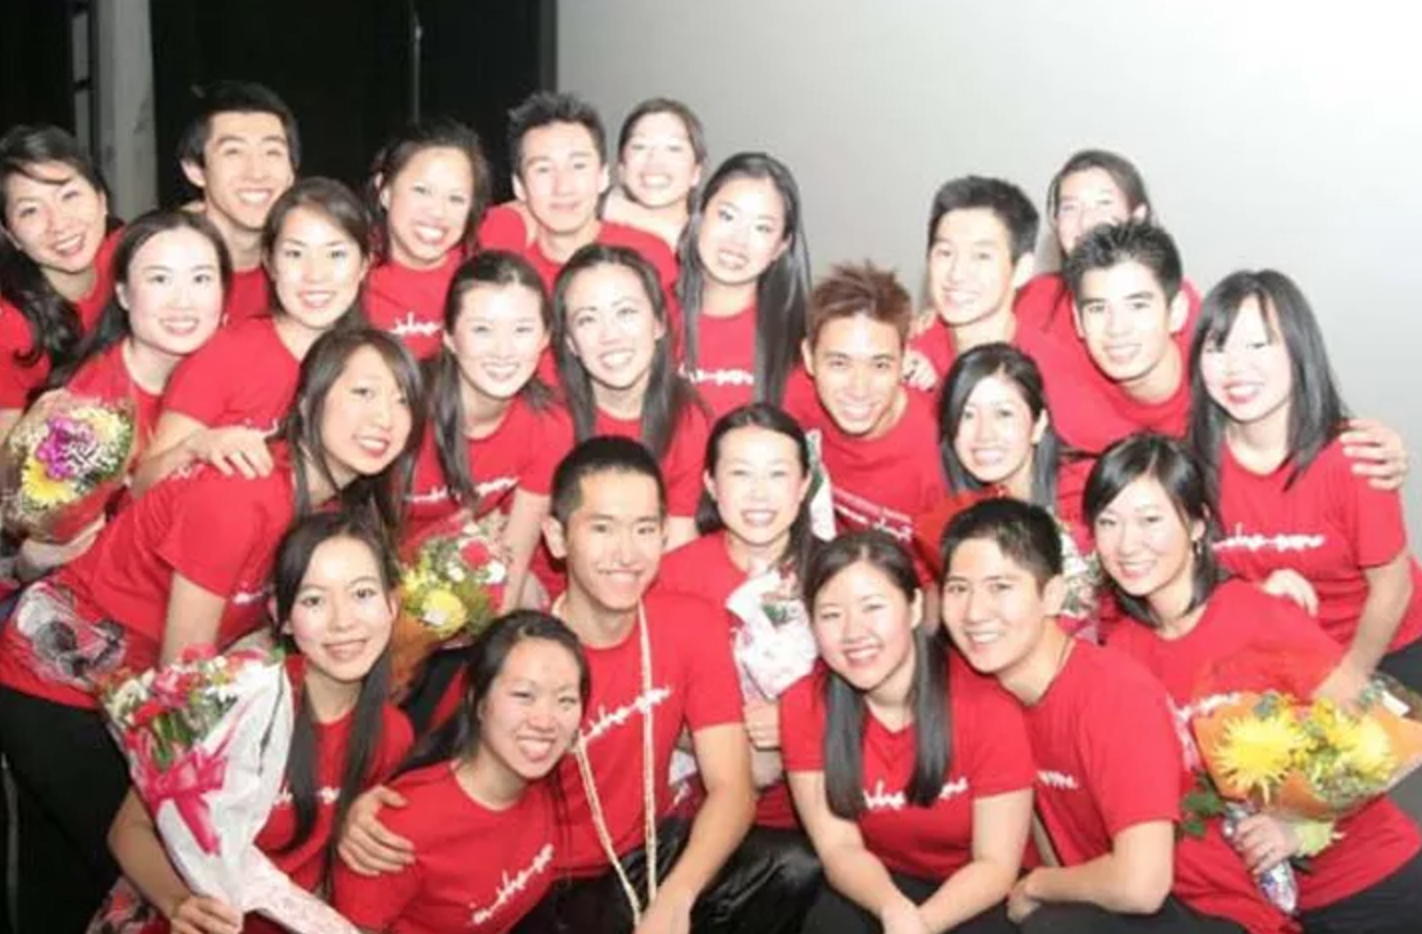 Class of 2008 - Celica Yan, Connie Liu, Felicia Tsaur, Feng Hong, Jennifer Chen, Jennifer So, Jonathan Wu, Joyce Jin, Vivian Lee, Yangie Chung